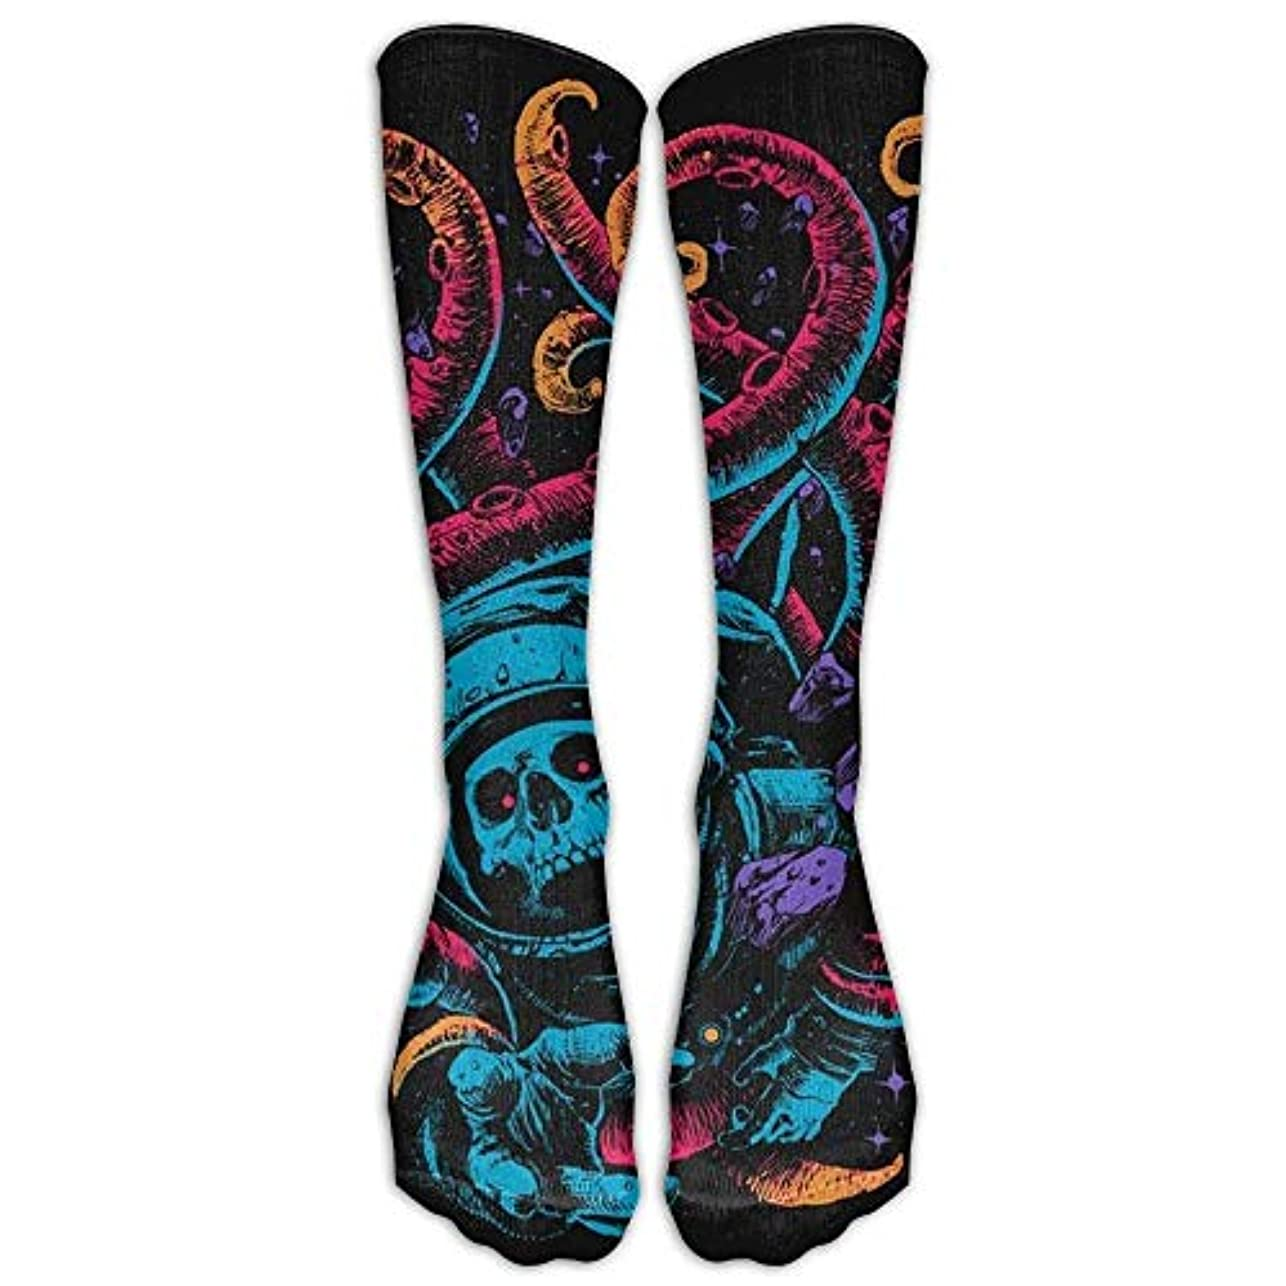 祭司り有名なPerfect Gifts - Cool Octopus Skull Print Stockings Breathable Hiking Socks Classics Socks For Women Teens Girls...